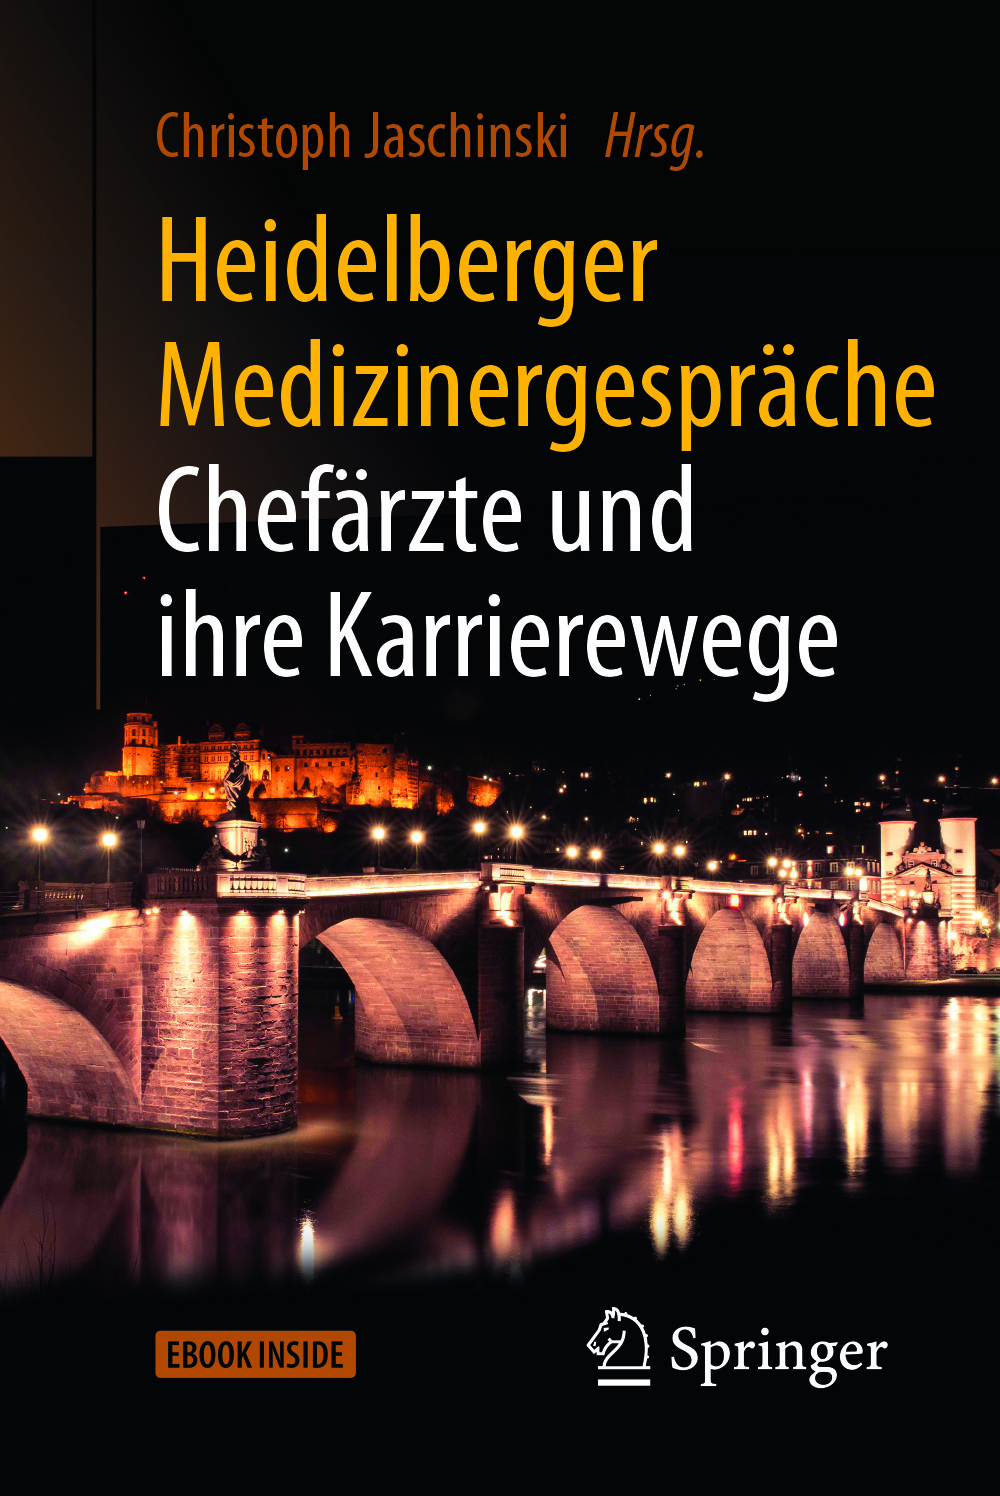 Jaschinski, Christoph - Heidelberger Medizinergespräche: Chefärzte und ihre Karrierewege, ebook